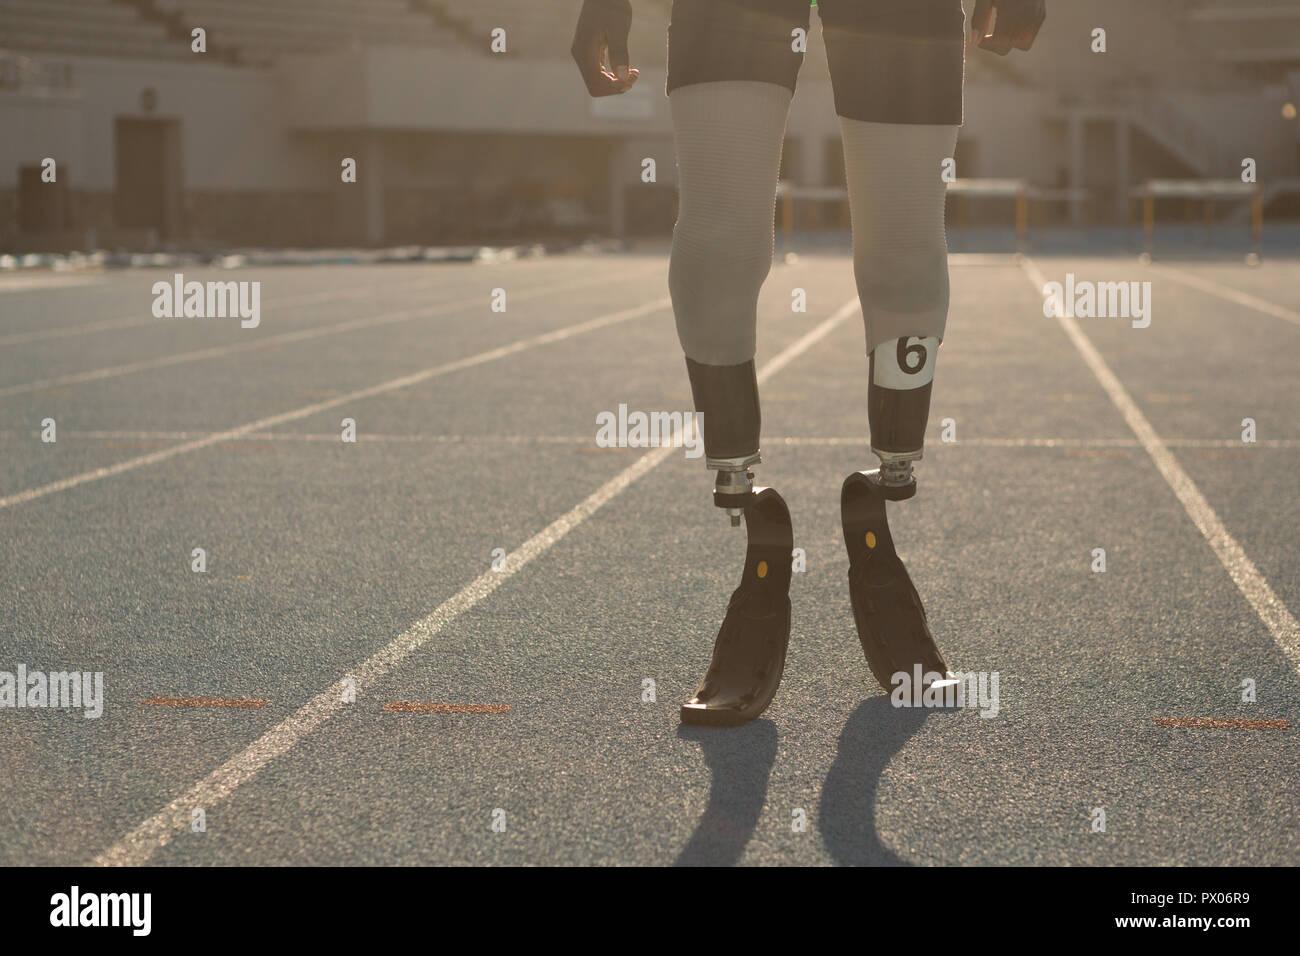 Mobilité athletic debout sur une piste de course Banque D'Images